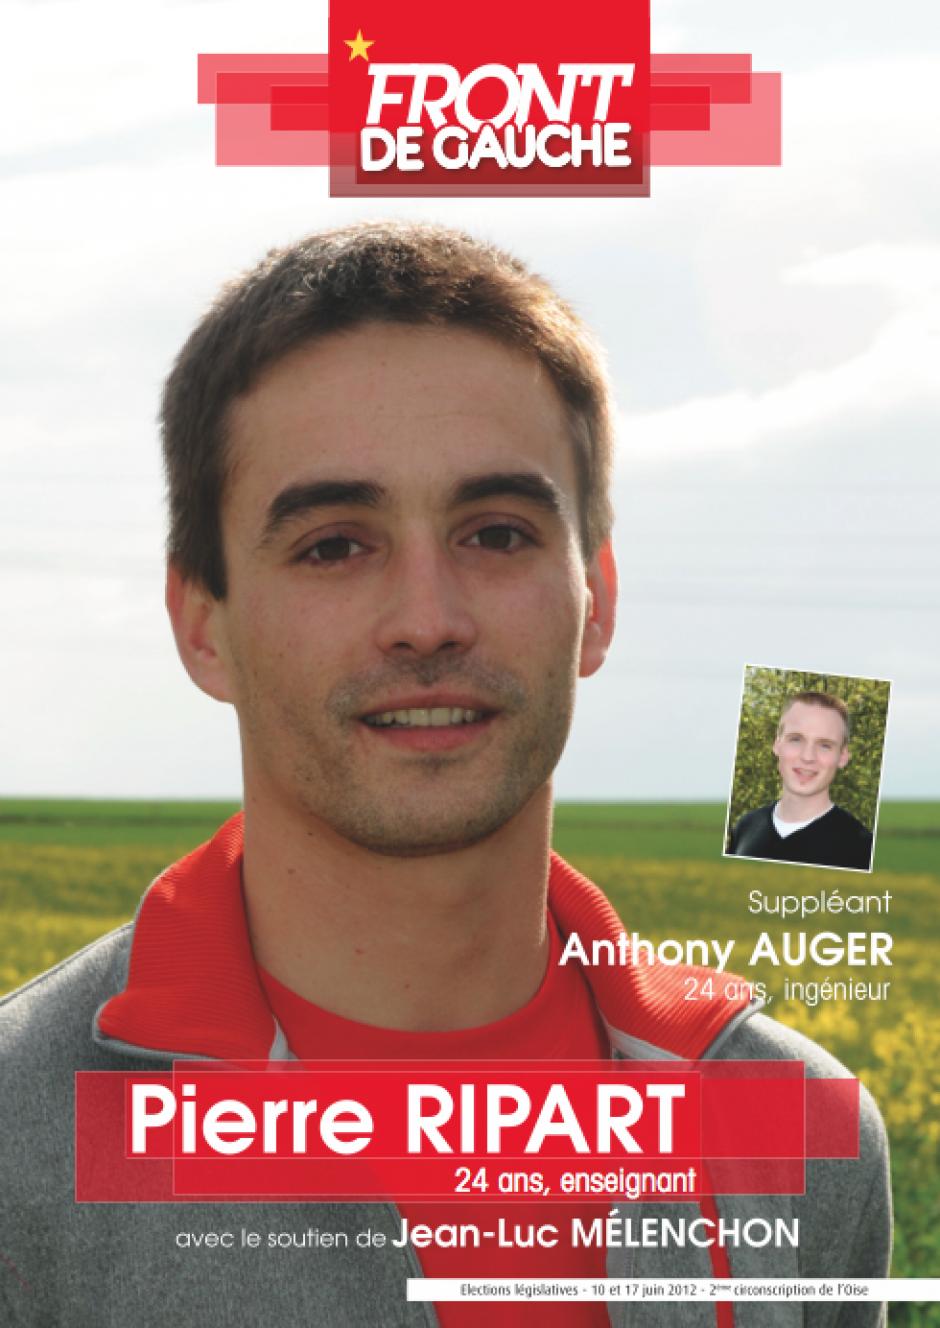 Affiche pour la campagne législative de Pierre Ripart et Anthony Auger - mai 2012